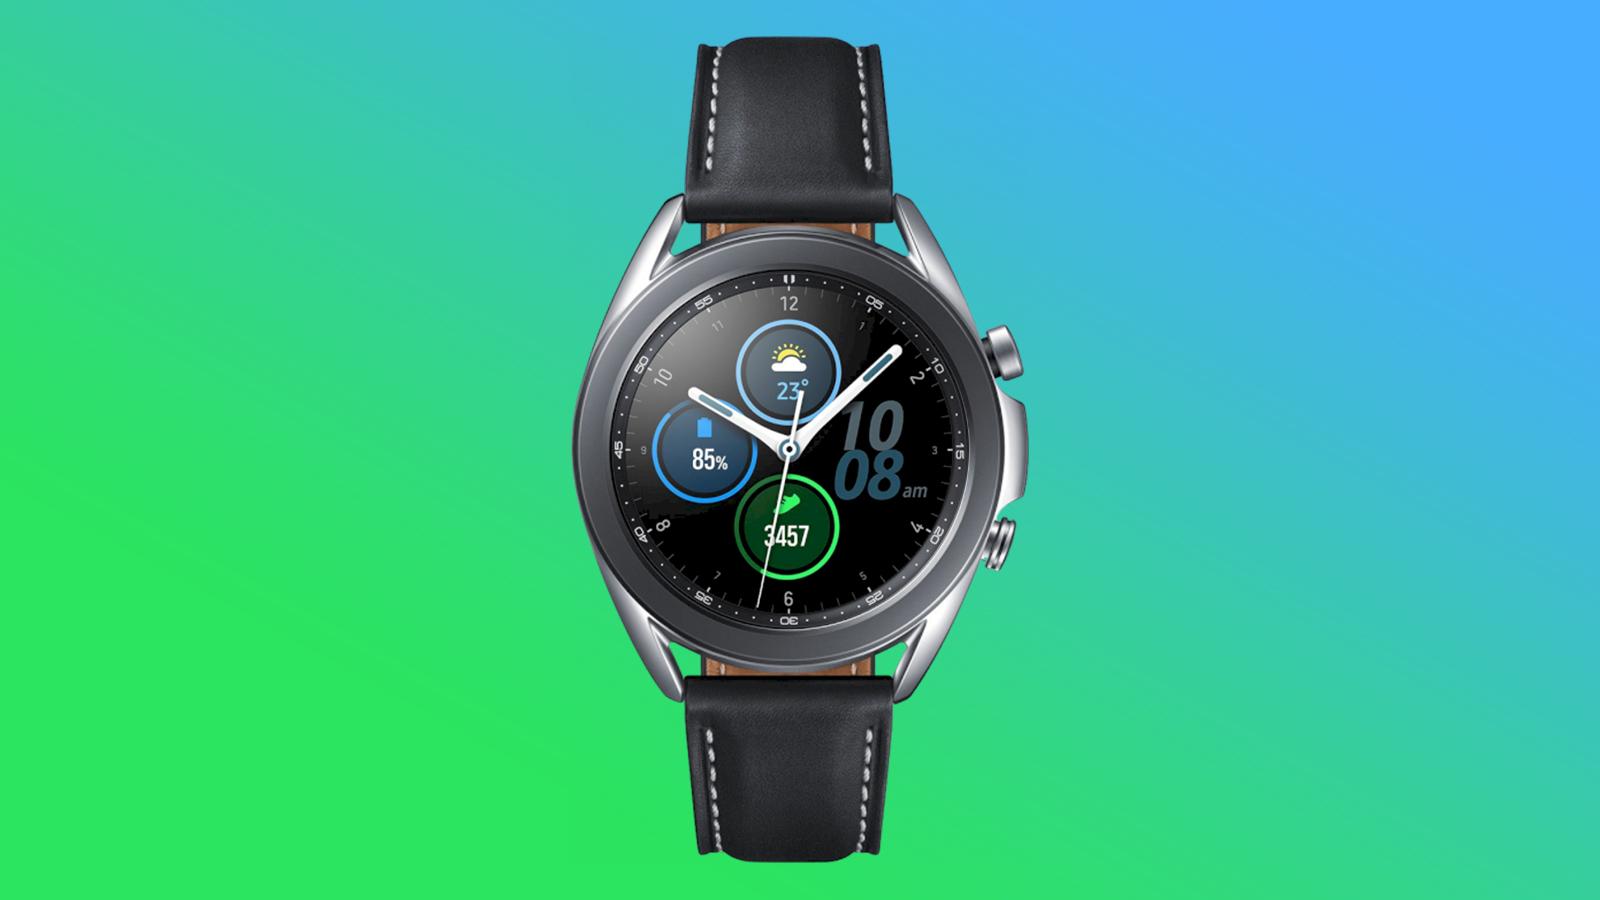 Review: samsung galaxy watch 3, o completo smartwatch com design clássico. Além de ser ideal para a prática de exercícios físicos, o visual clássico e os materiais de luxo mostram que o galaxy watch 3 combina também com um look formal